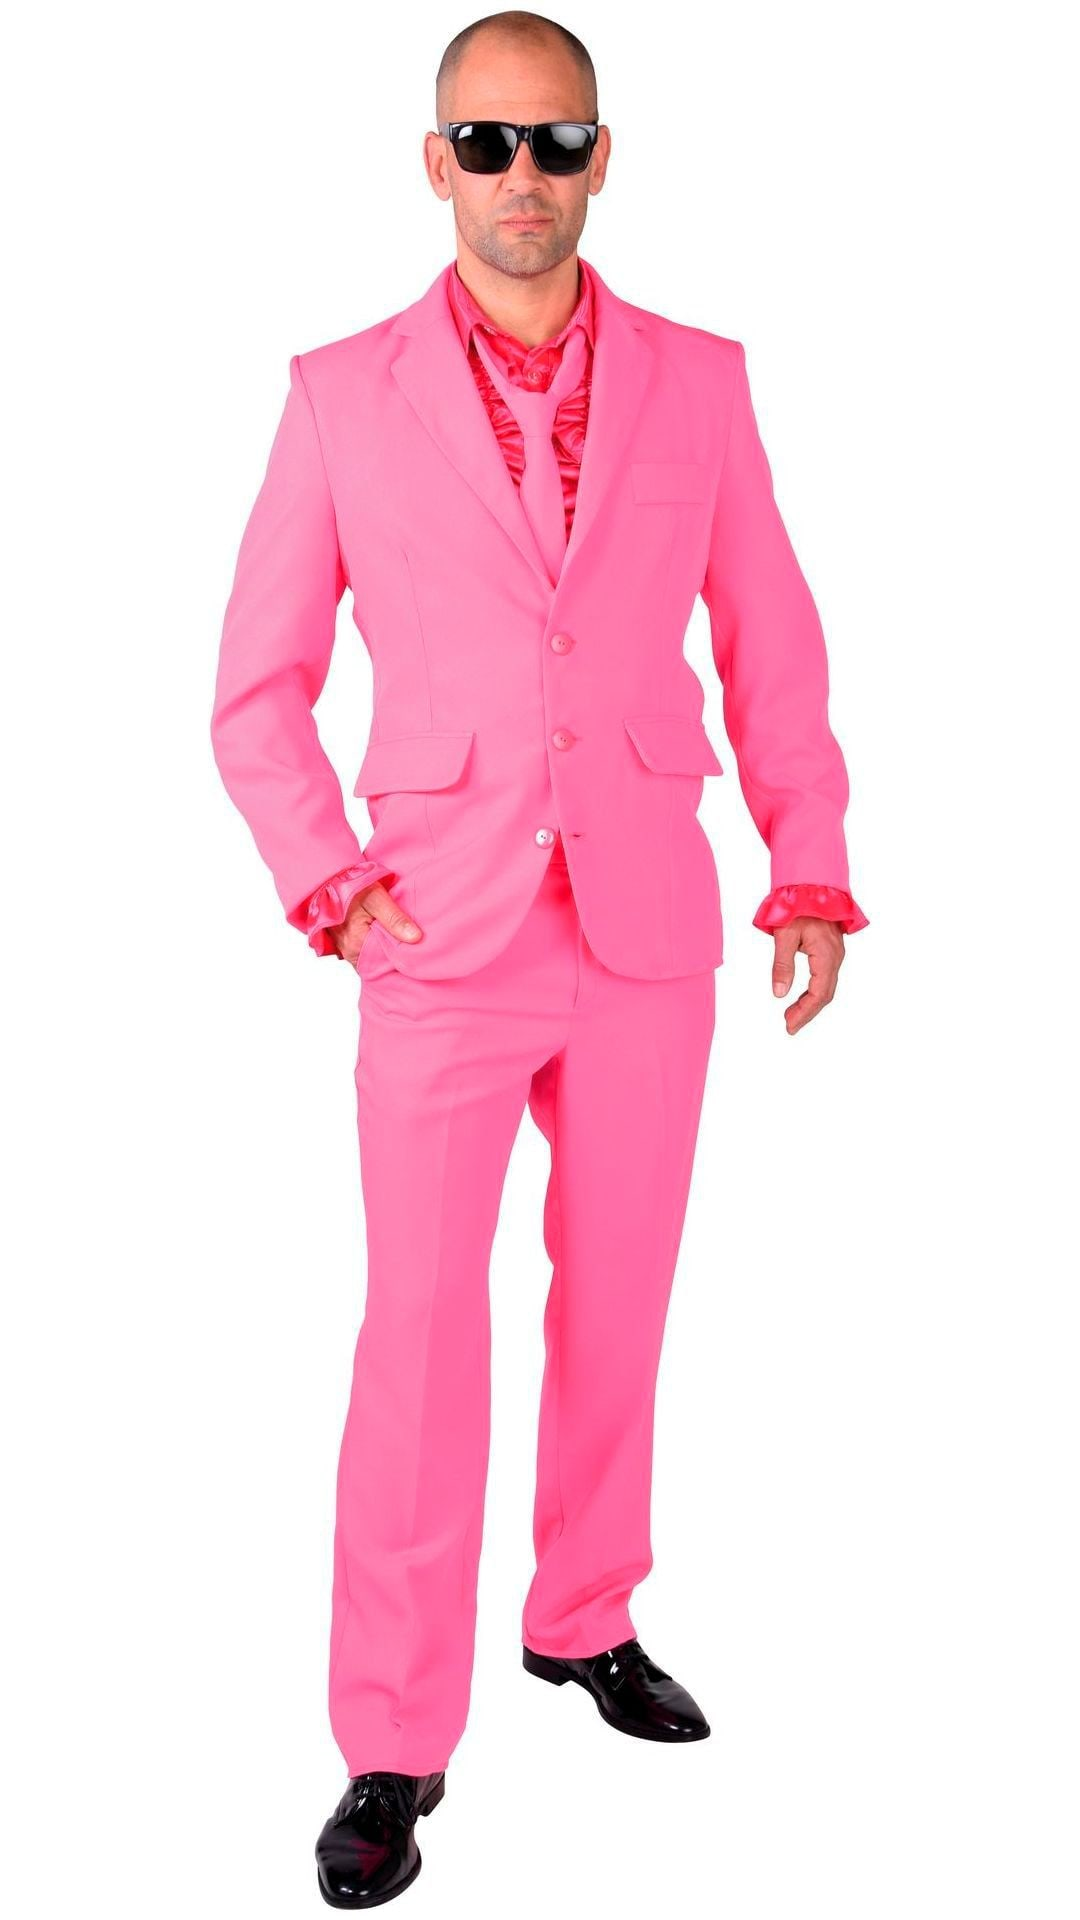 Roze maatpak